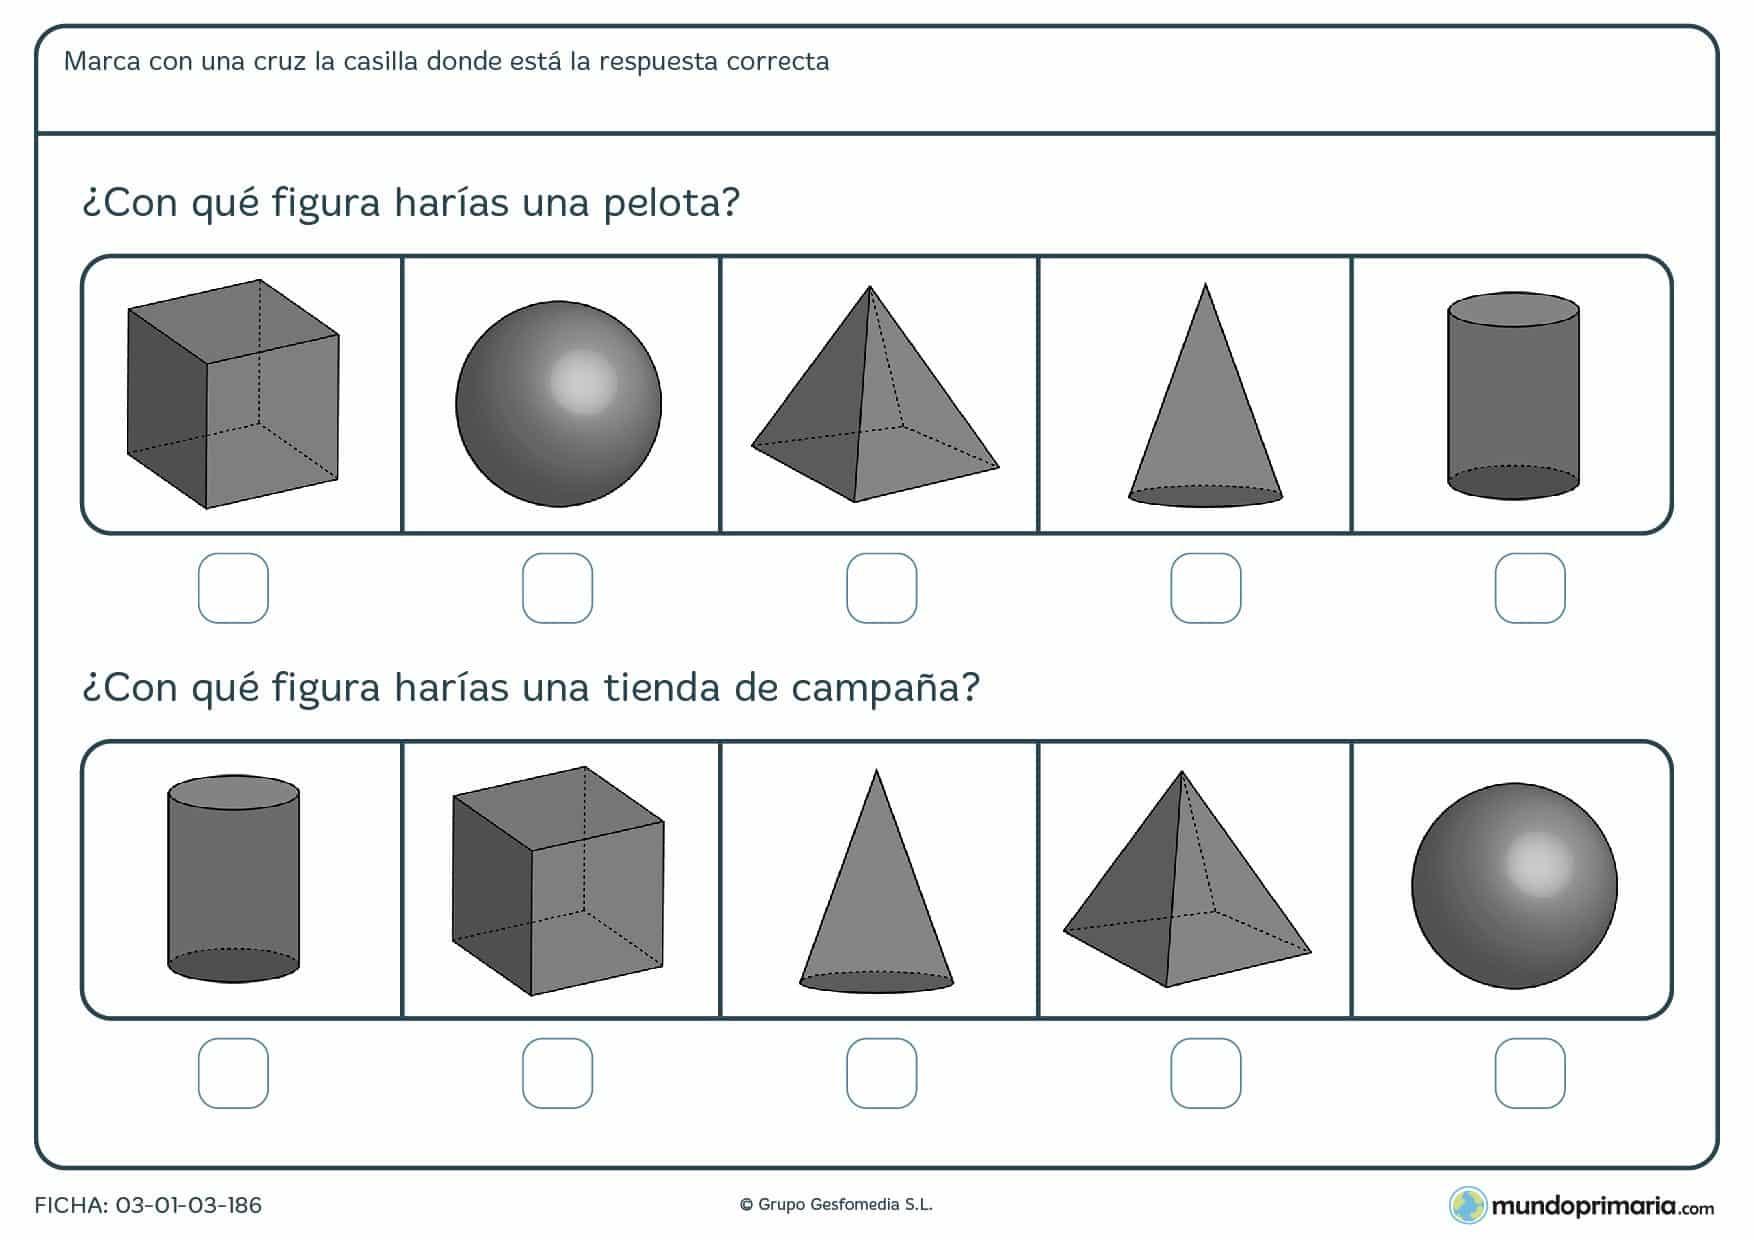 Ficha de averiguar el cubo con actividades para niños de 6 a 7 años